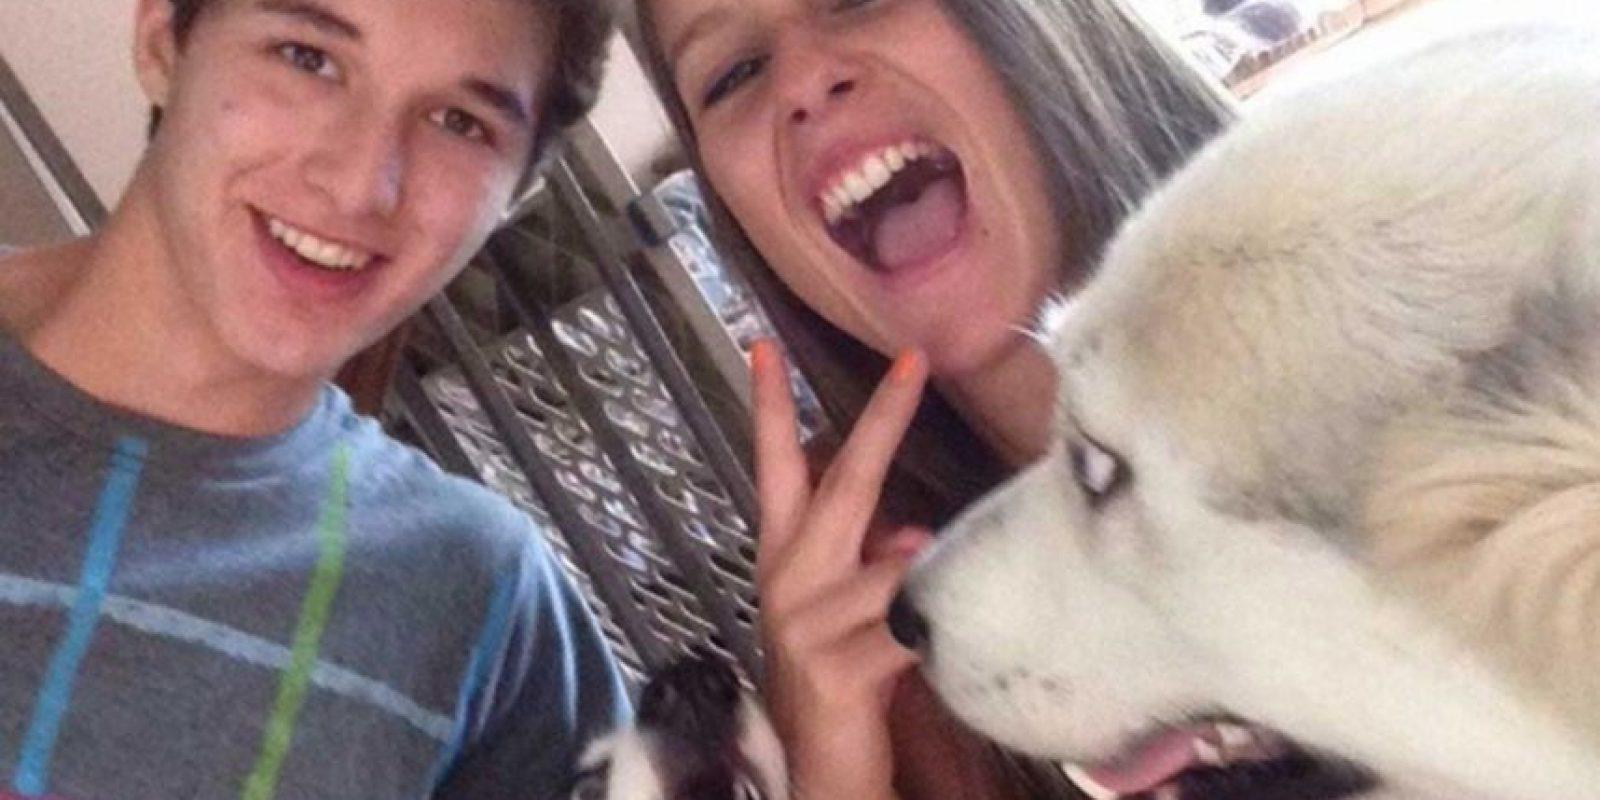 Esta es su amiga Kasia Szymanski, quien lamentó la muerte de Cook en los medios locales. Foto:https://www.facebook.com/kasia.szymanski.1/photos